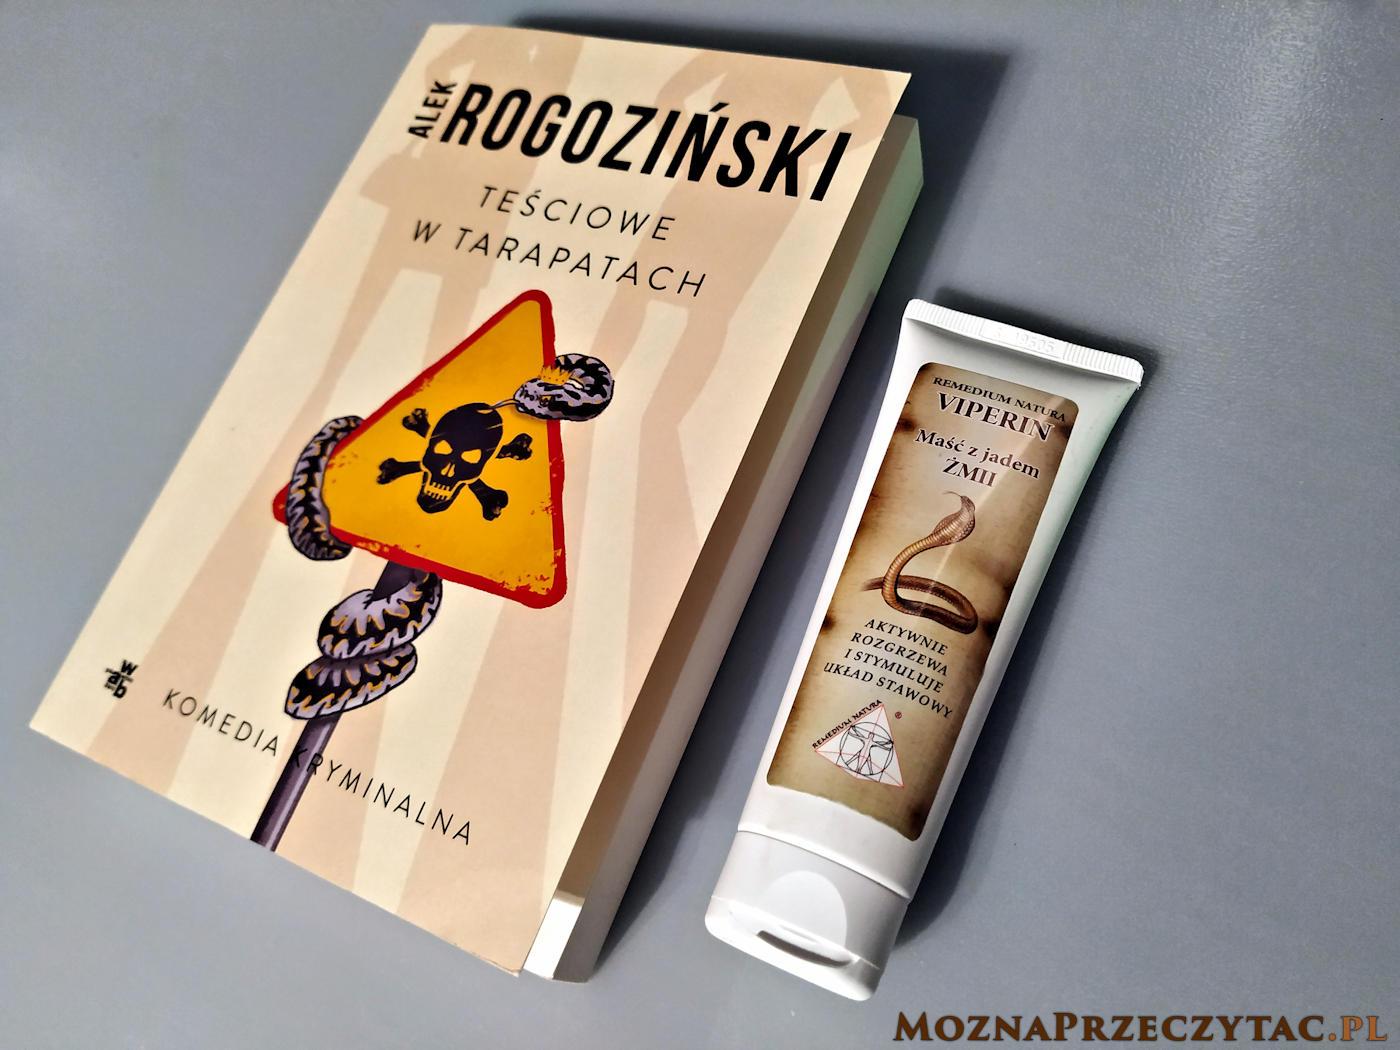 Teściowe w tarapatach - Alek Rogoziński